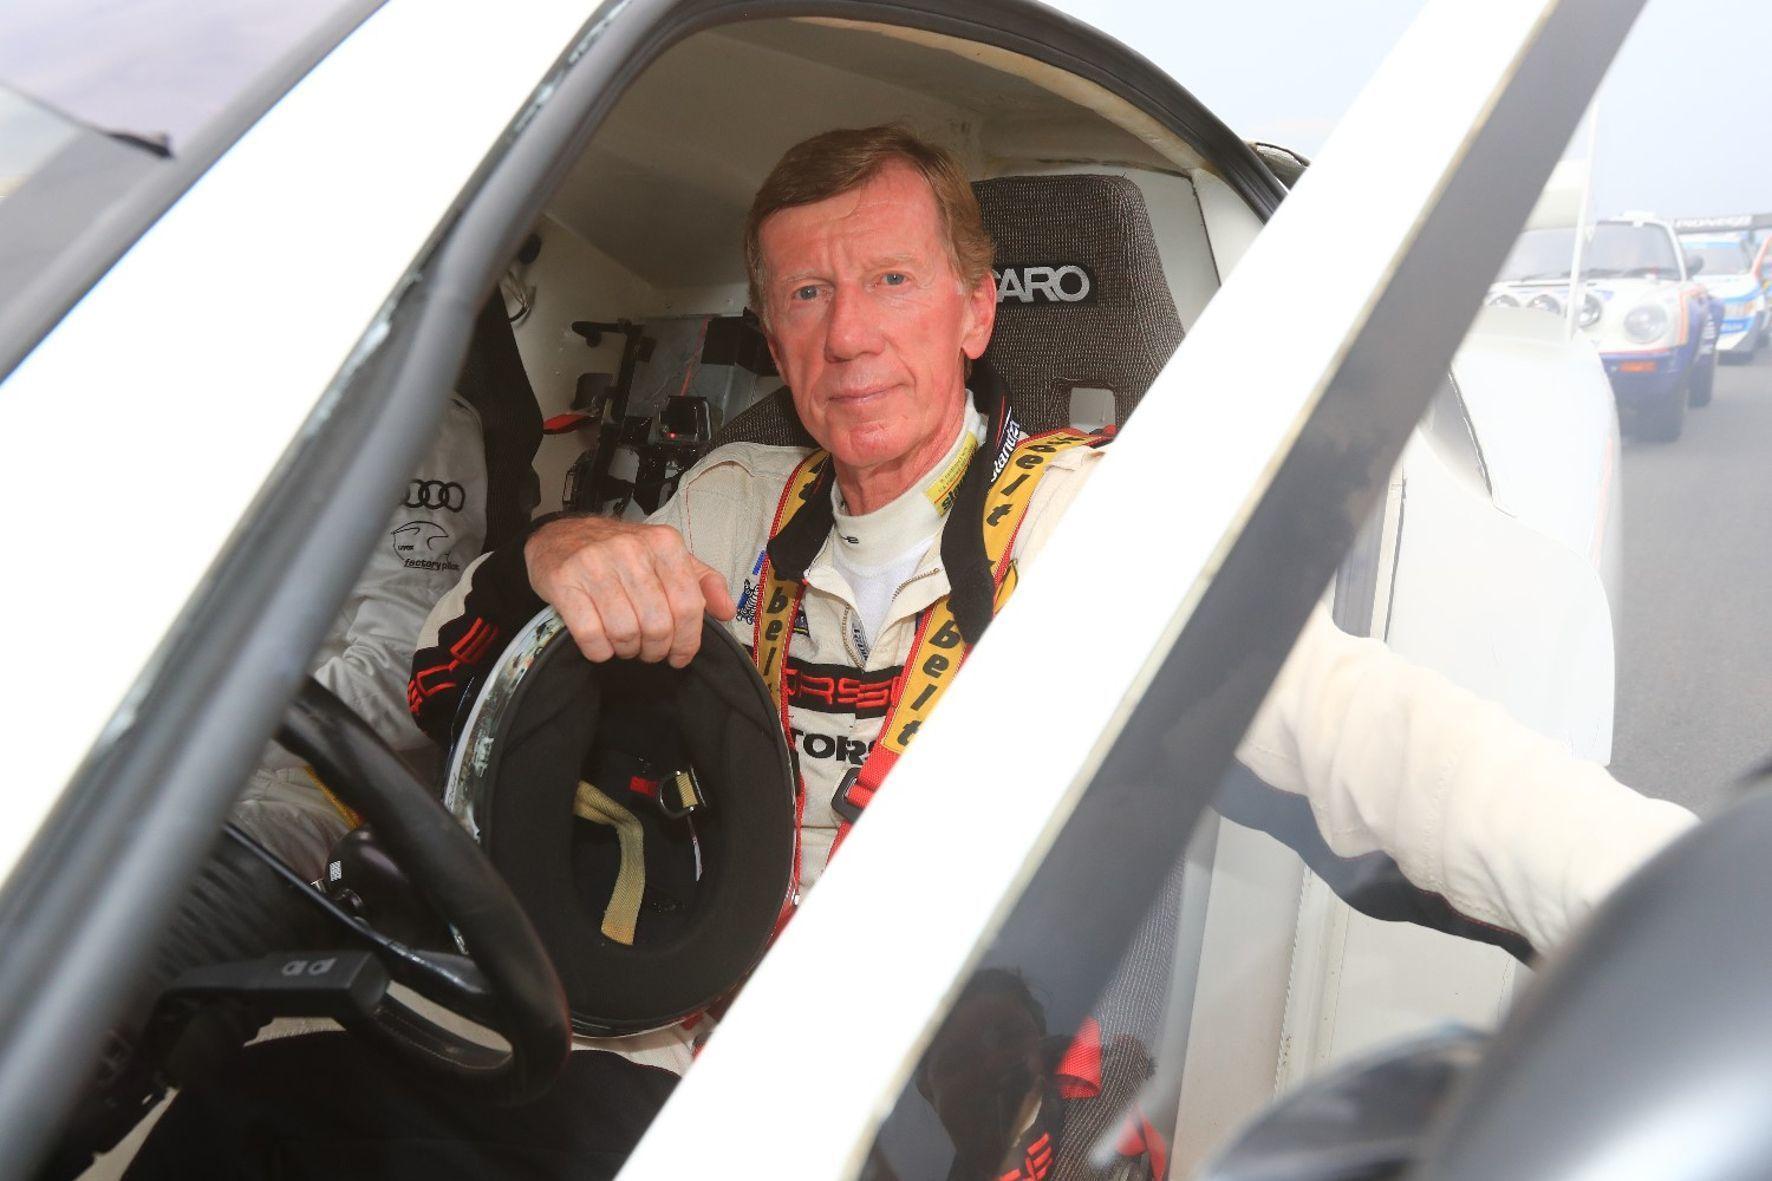 mid Groß-Gerau - Walter Röhrl ist bis heute der einzige deutsche Rallye-Weltmeister. Jetzt erhält der 69-Jährige eine besondere Auszeichnung für sein Lebenswerk.